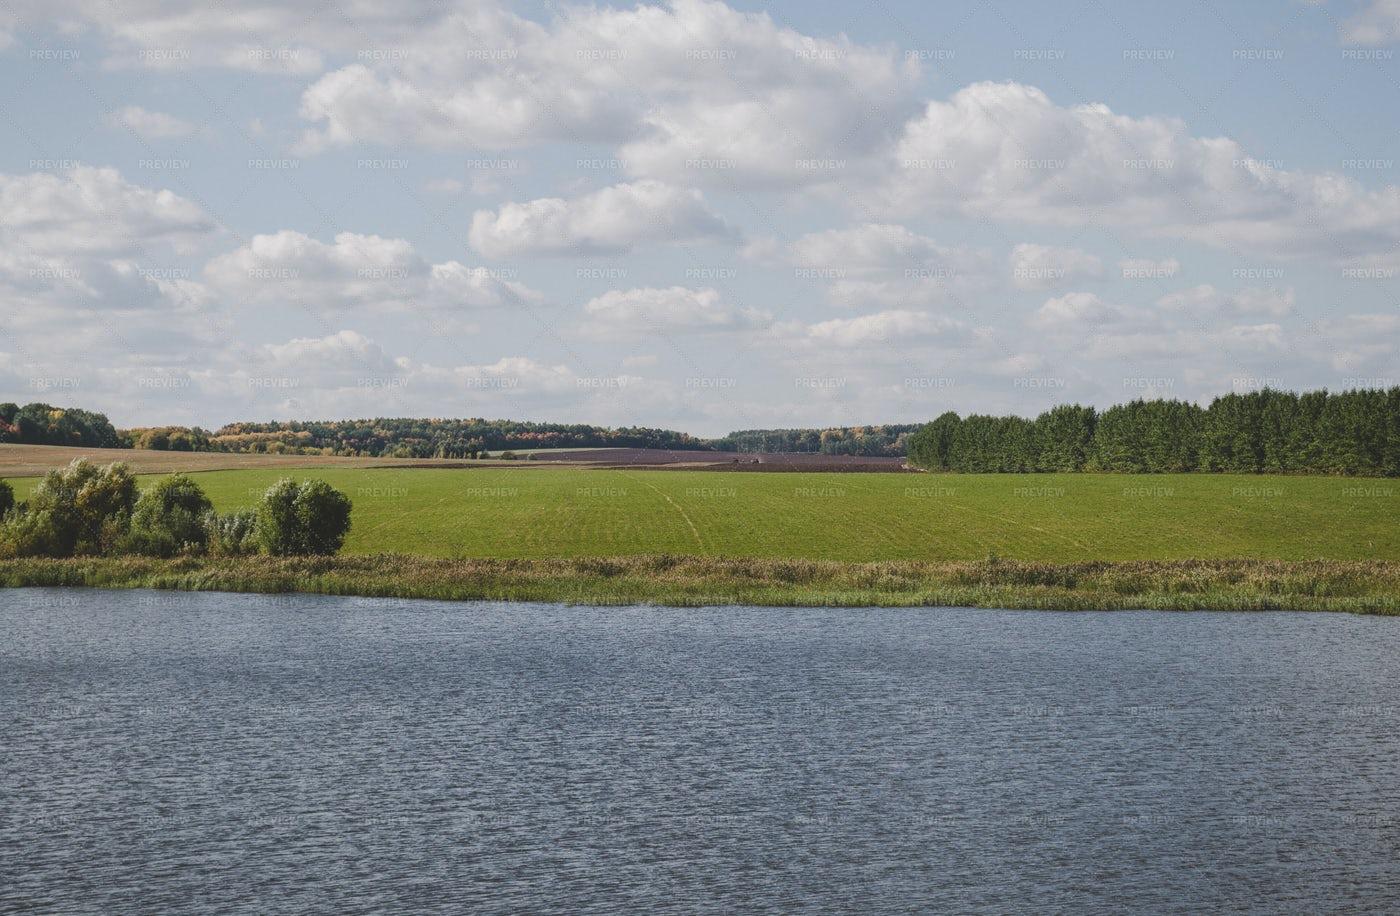 Harvested Farmland Beside A Lake: Stock Photos